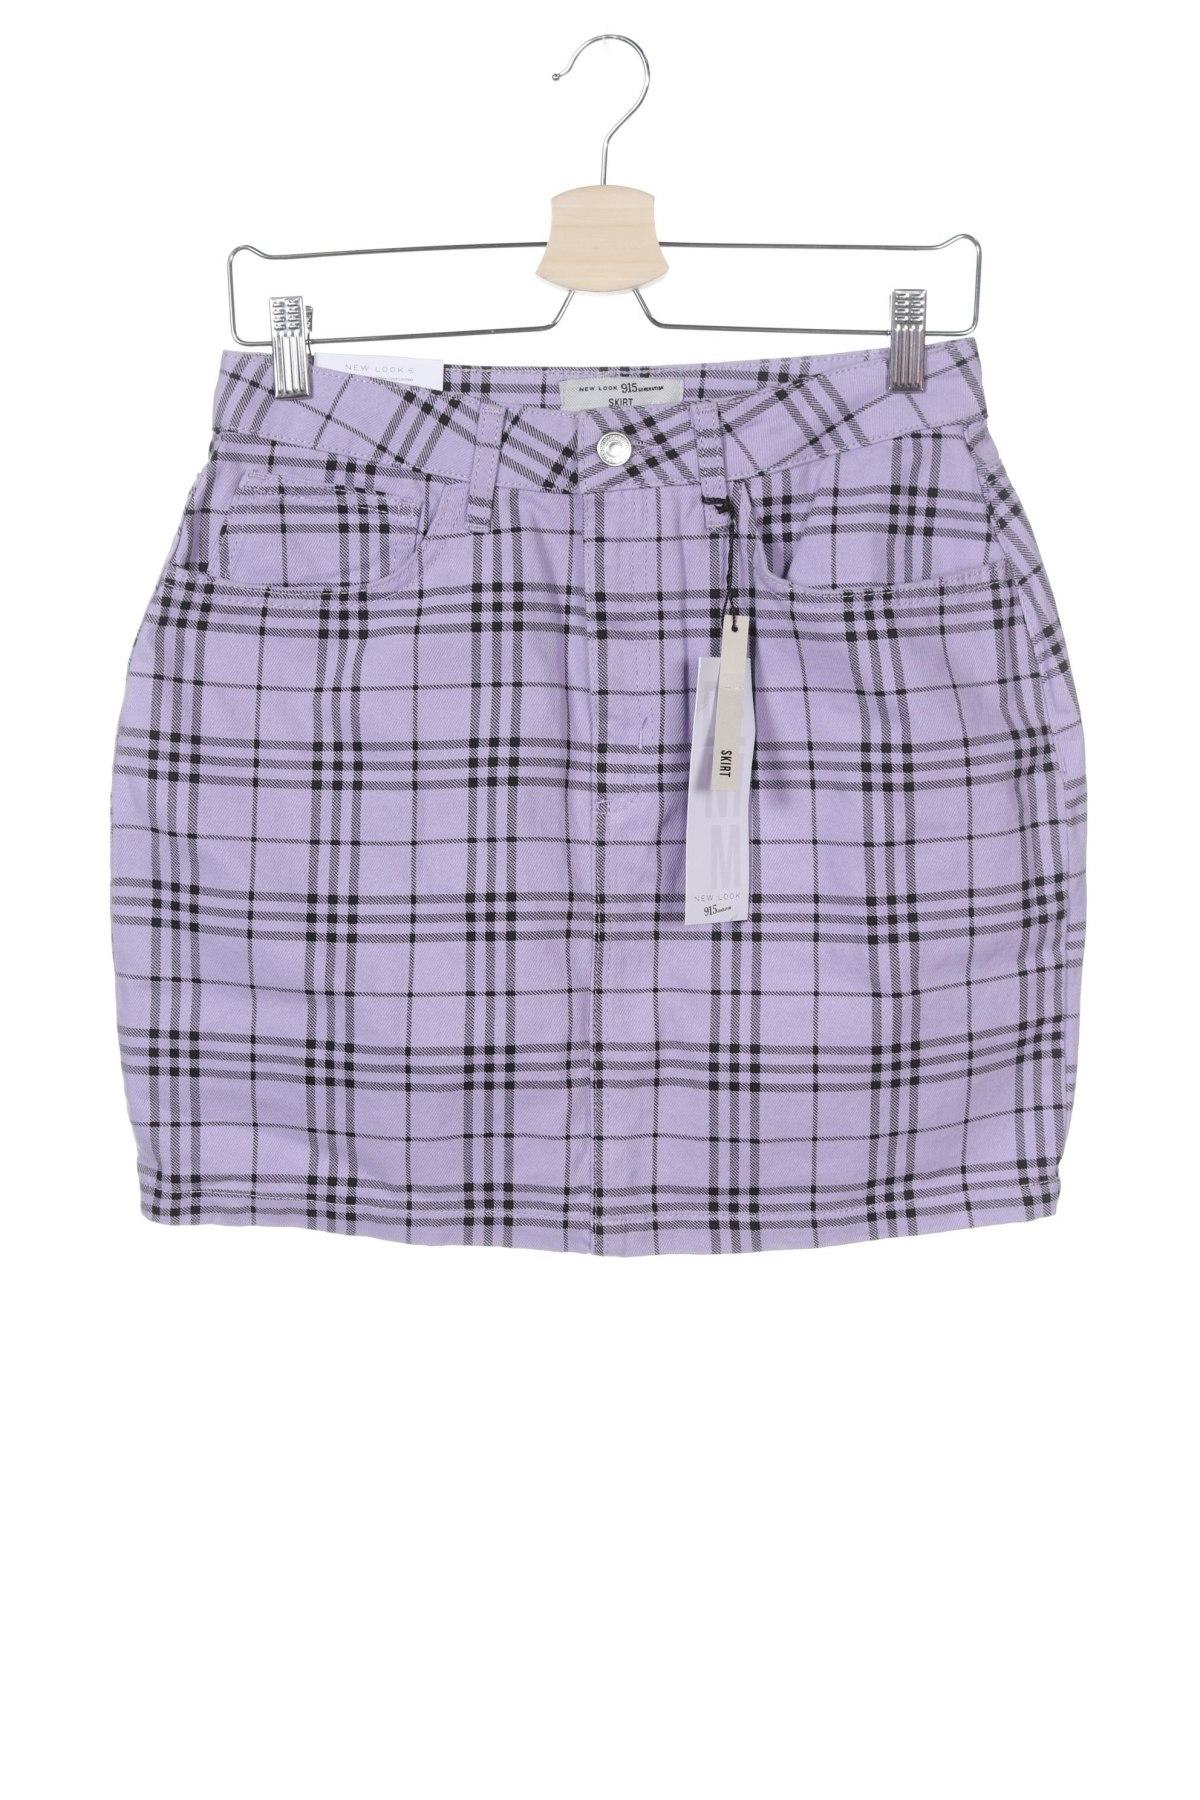 Παιδικό κοντό παντελόνι New Look, Μέγεθος 12-13y/ 158-164 εκ., Χρώμα Βιολετί, Βαμβάκι, Τιμή 9,28€